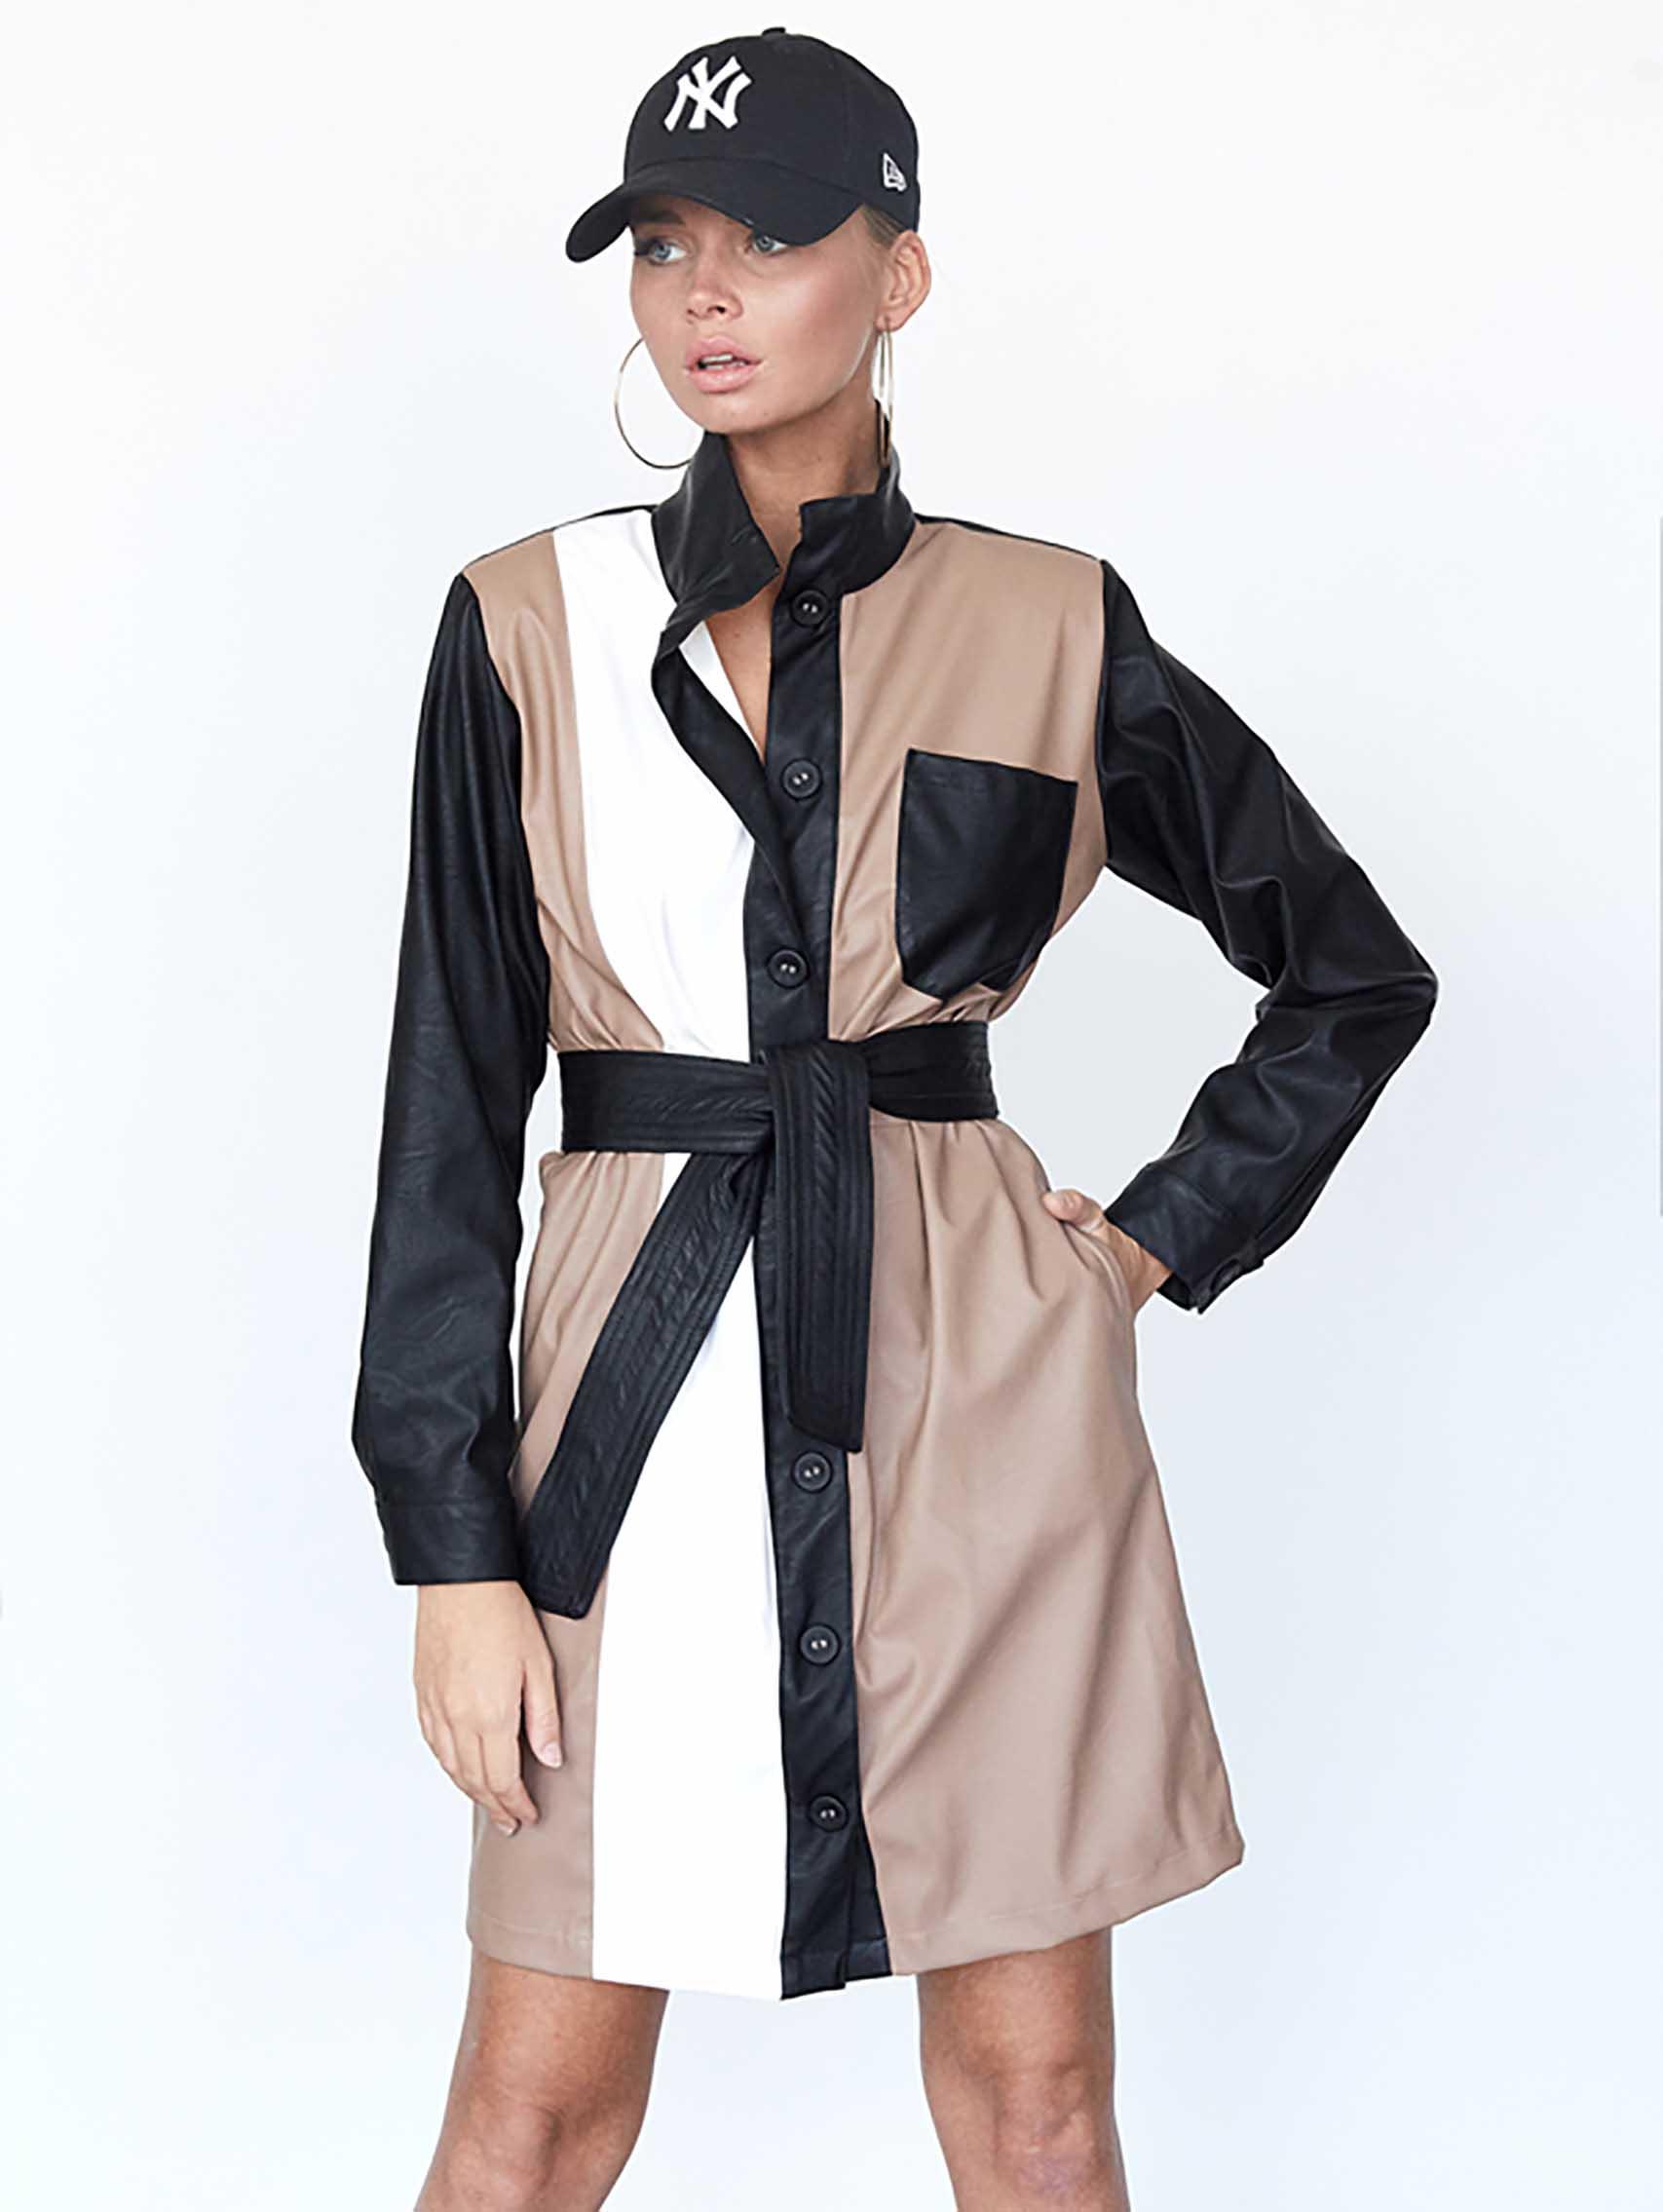 קולקציית אופנה לילך אלגרבלי, חדשות האופנה